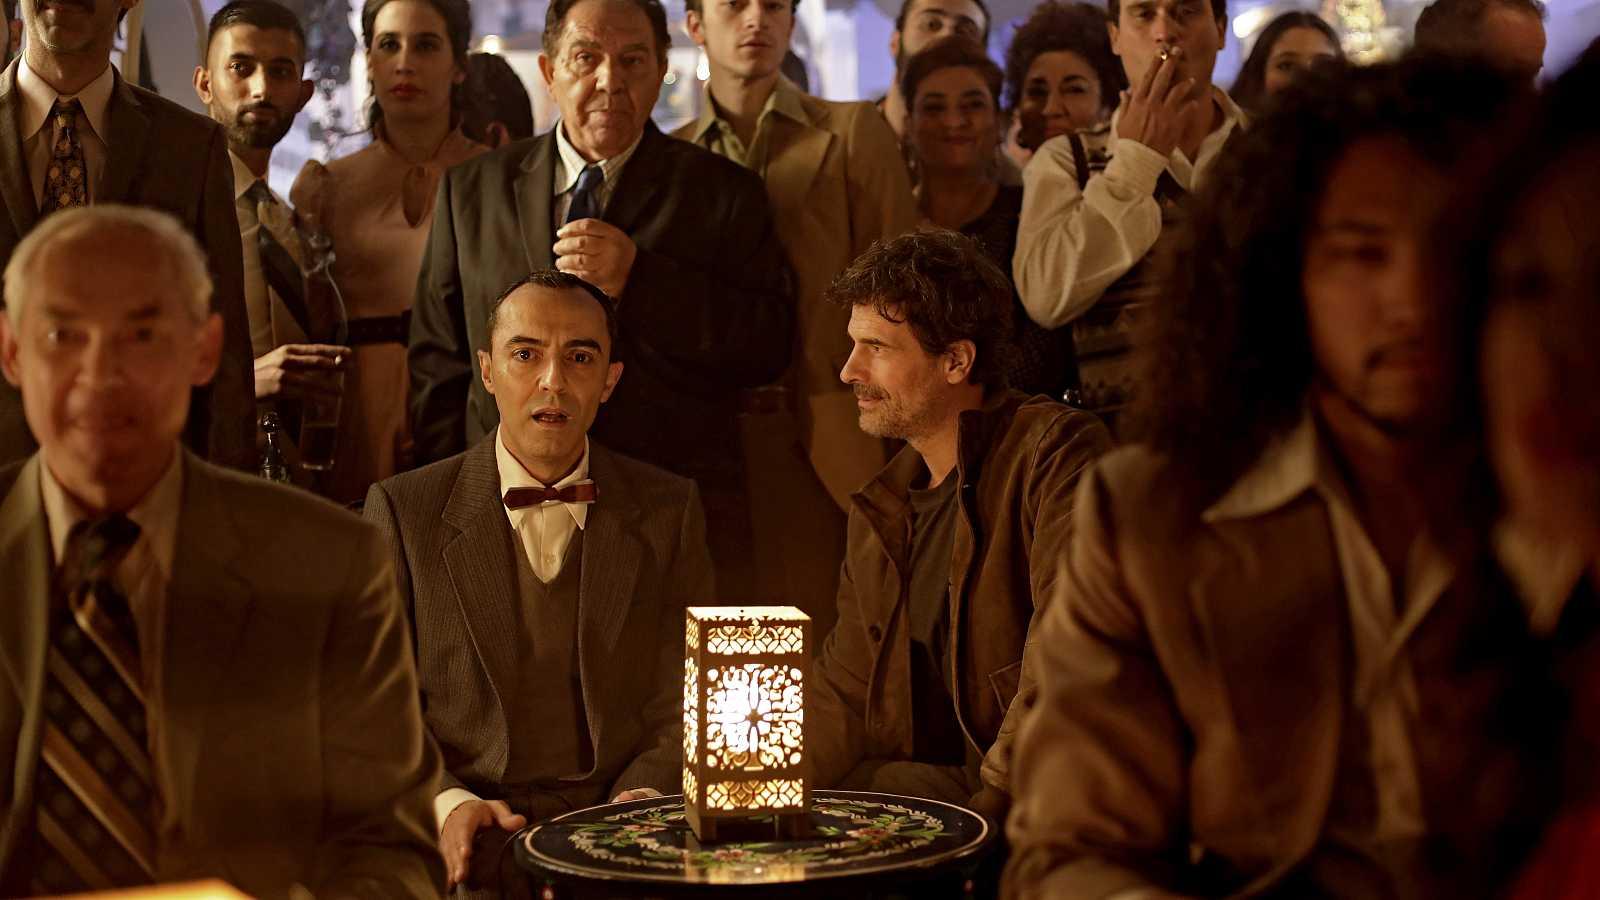 Lorca escucha sus versos cantados por Camarón ante la mirada de Julián